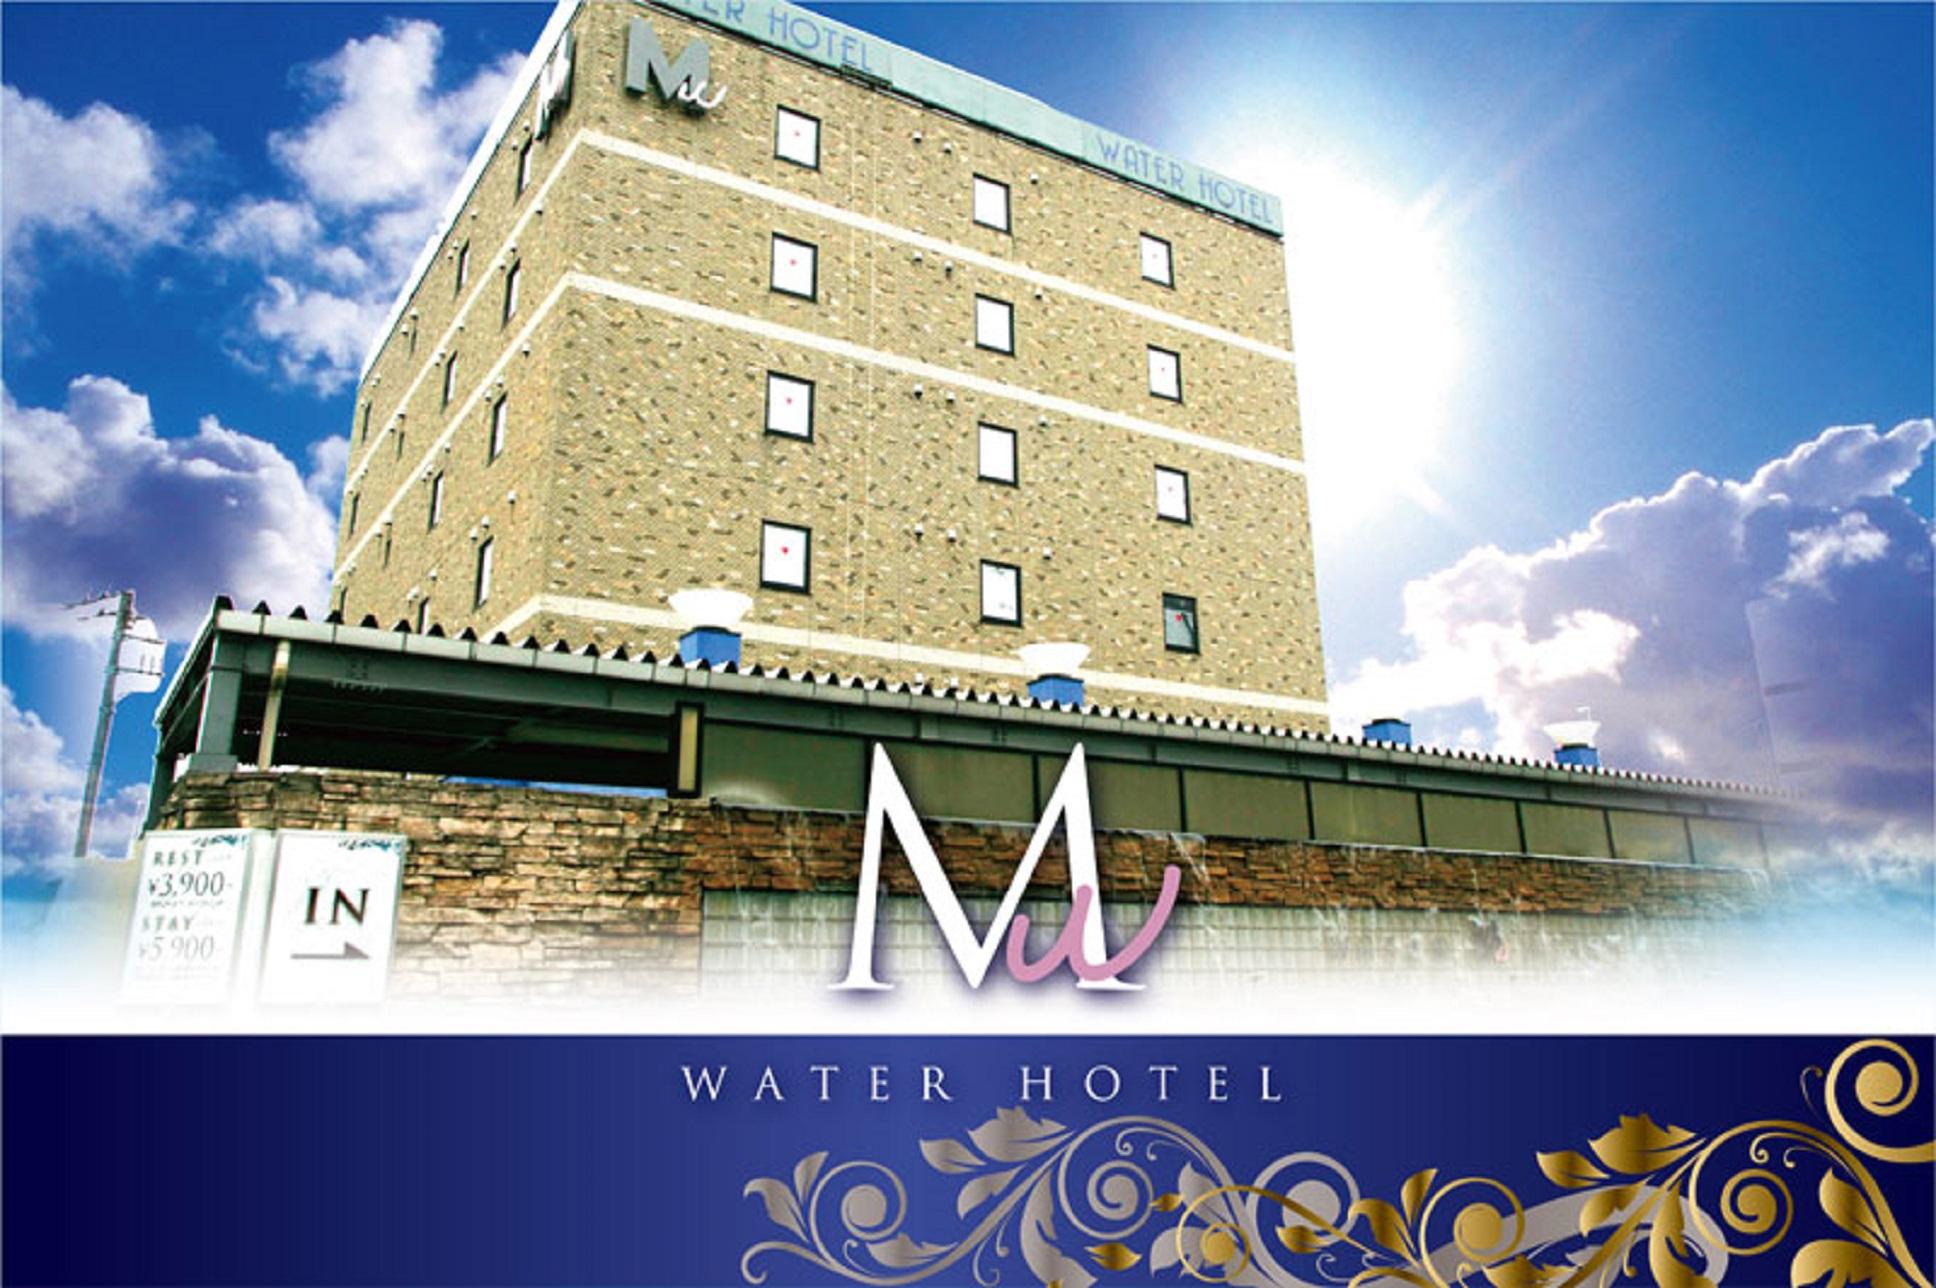 WATER HOTEL Mw 岩槻